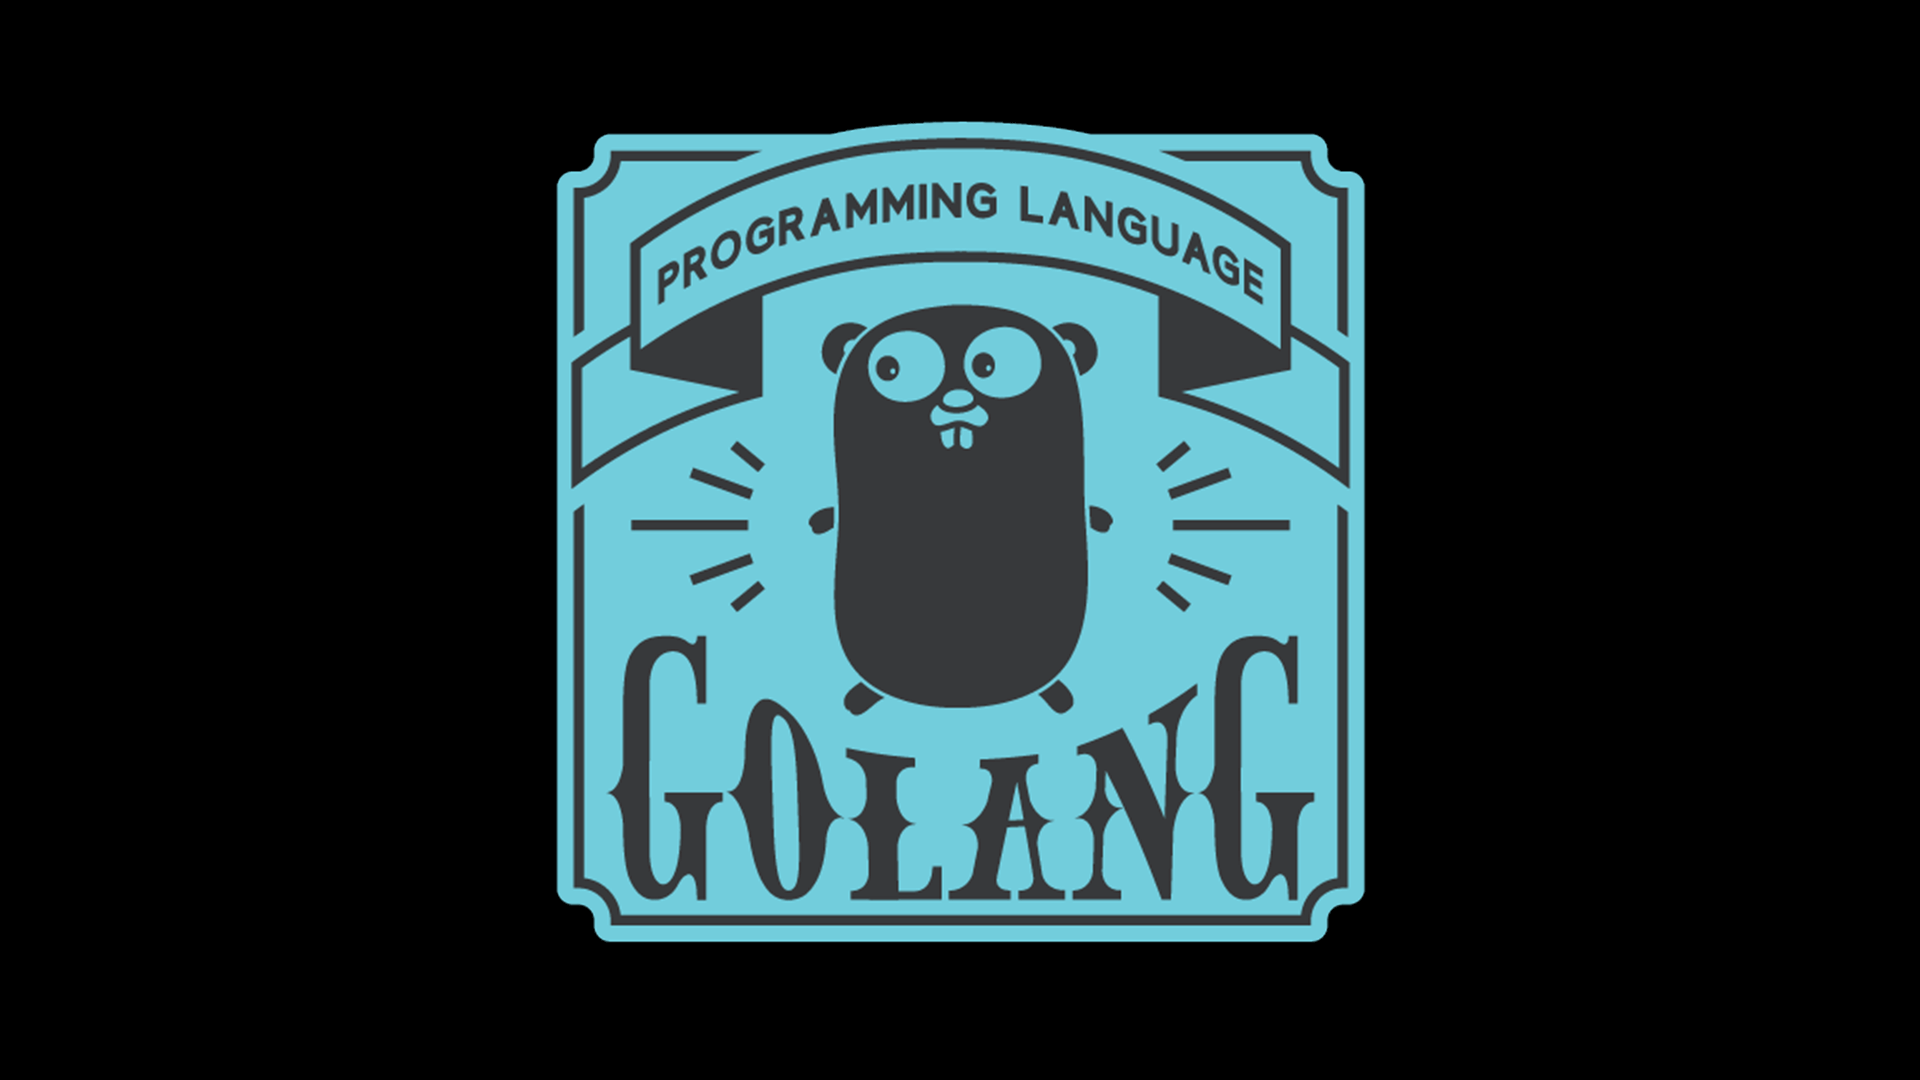 初探 Go 的编译命令执行过程